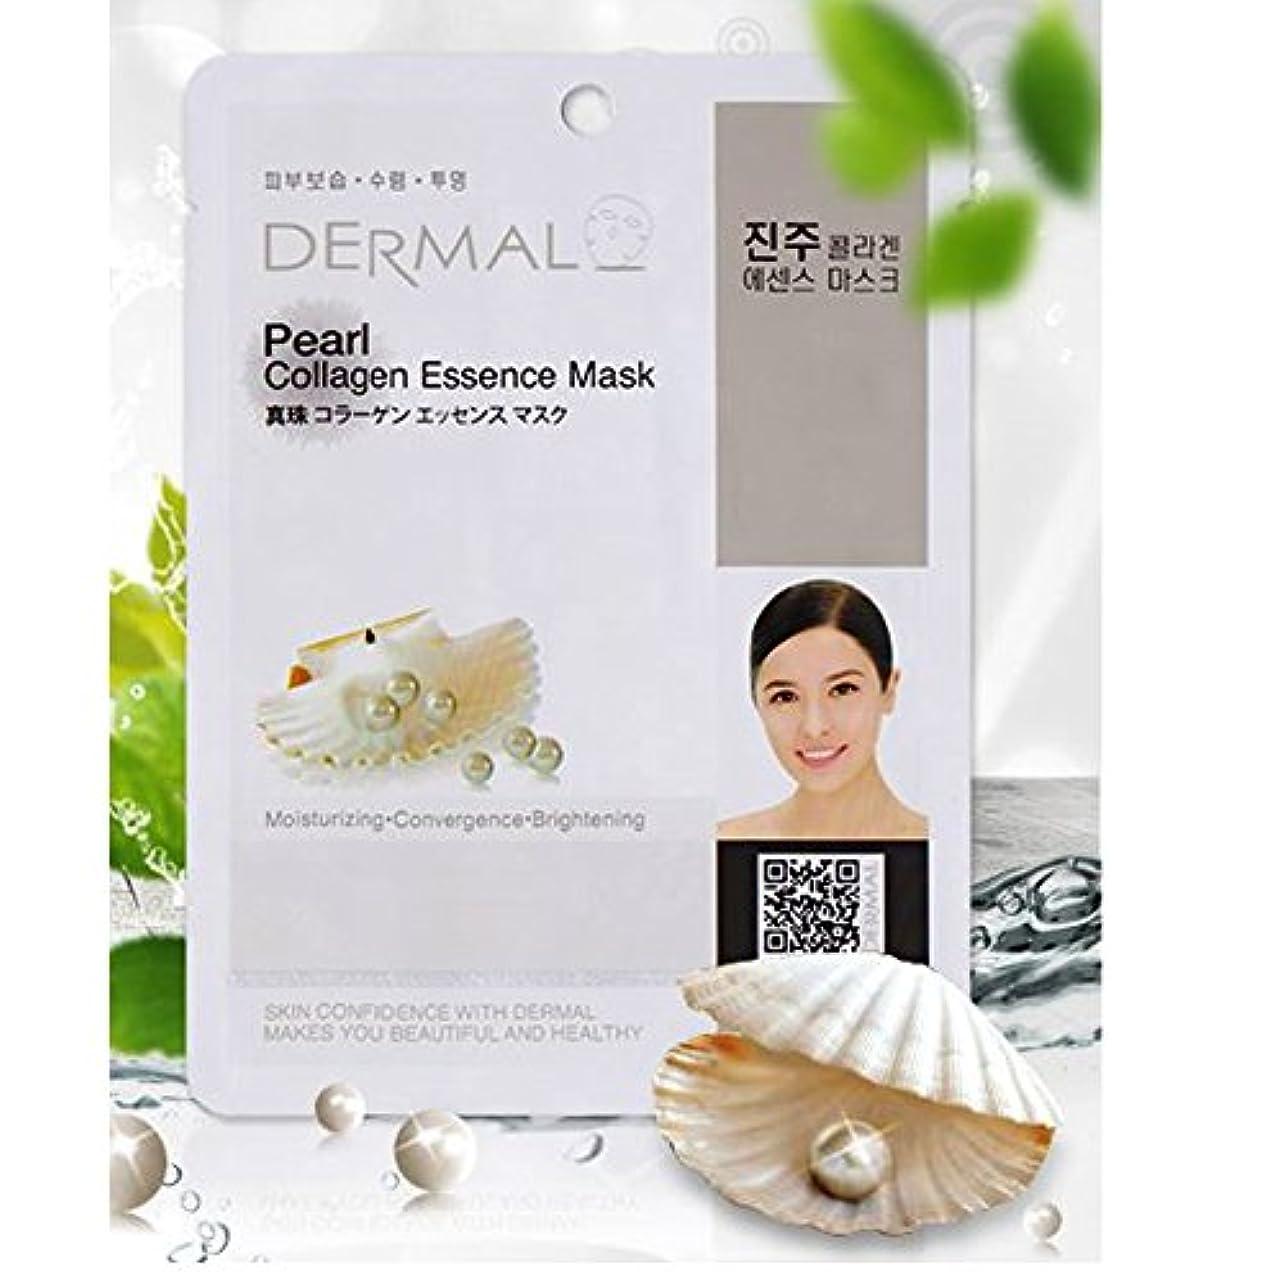 消化シーケンス貝殻シートマスク 真珠 10枚セット ダーマル(Dermal) フェイス パック